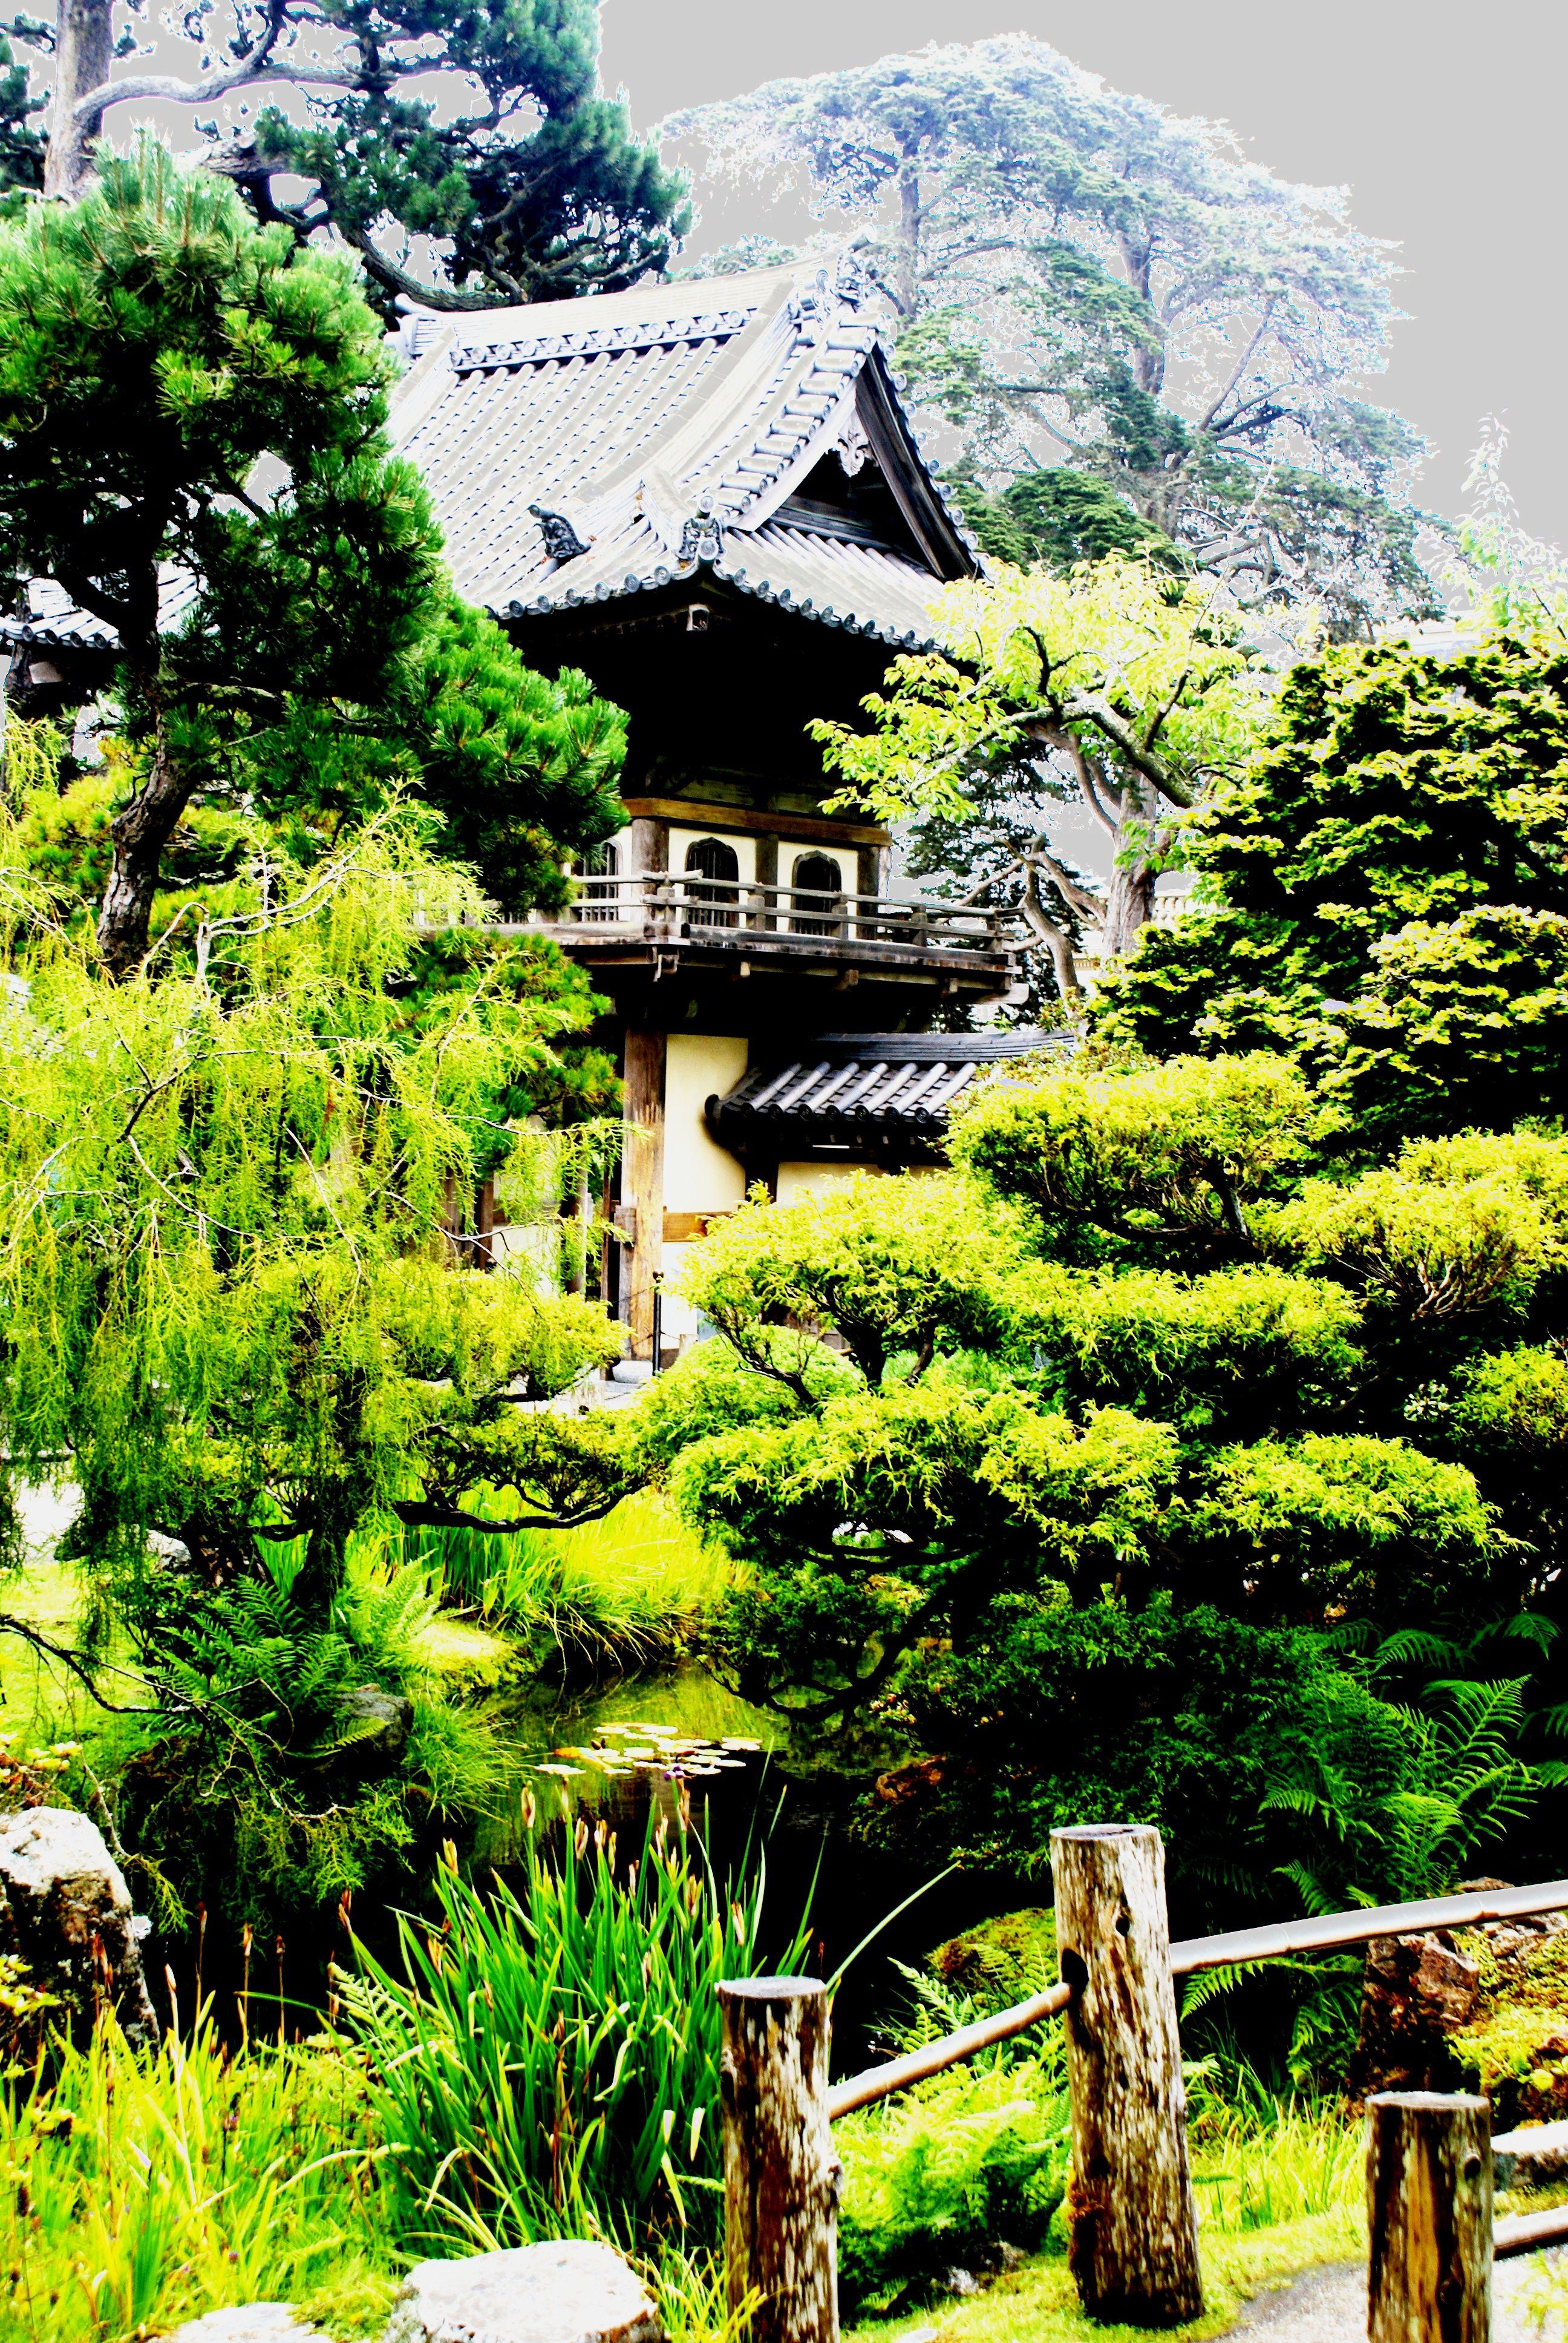 Japanese Tea Garden, San Francisco Tea garden, House